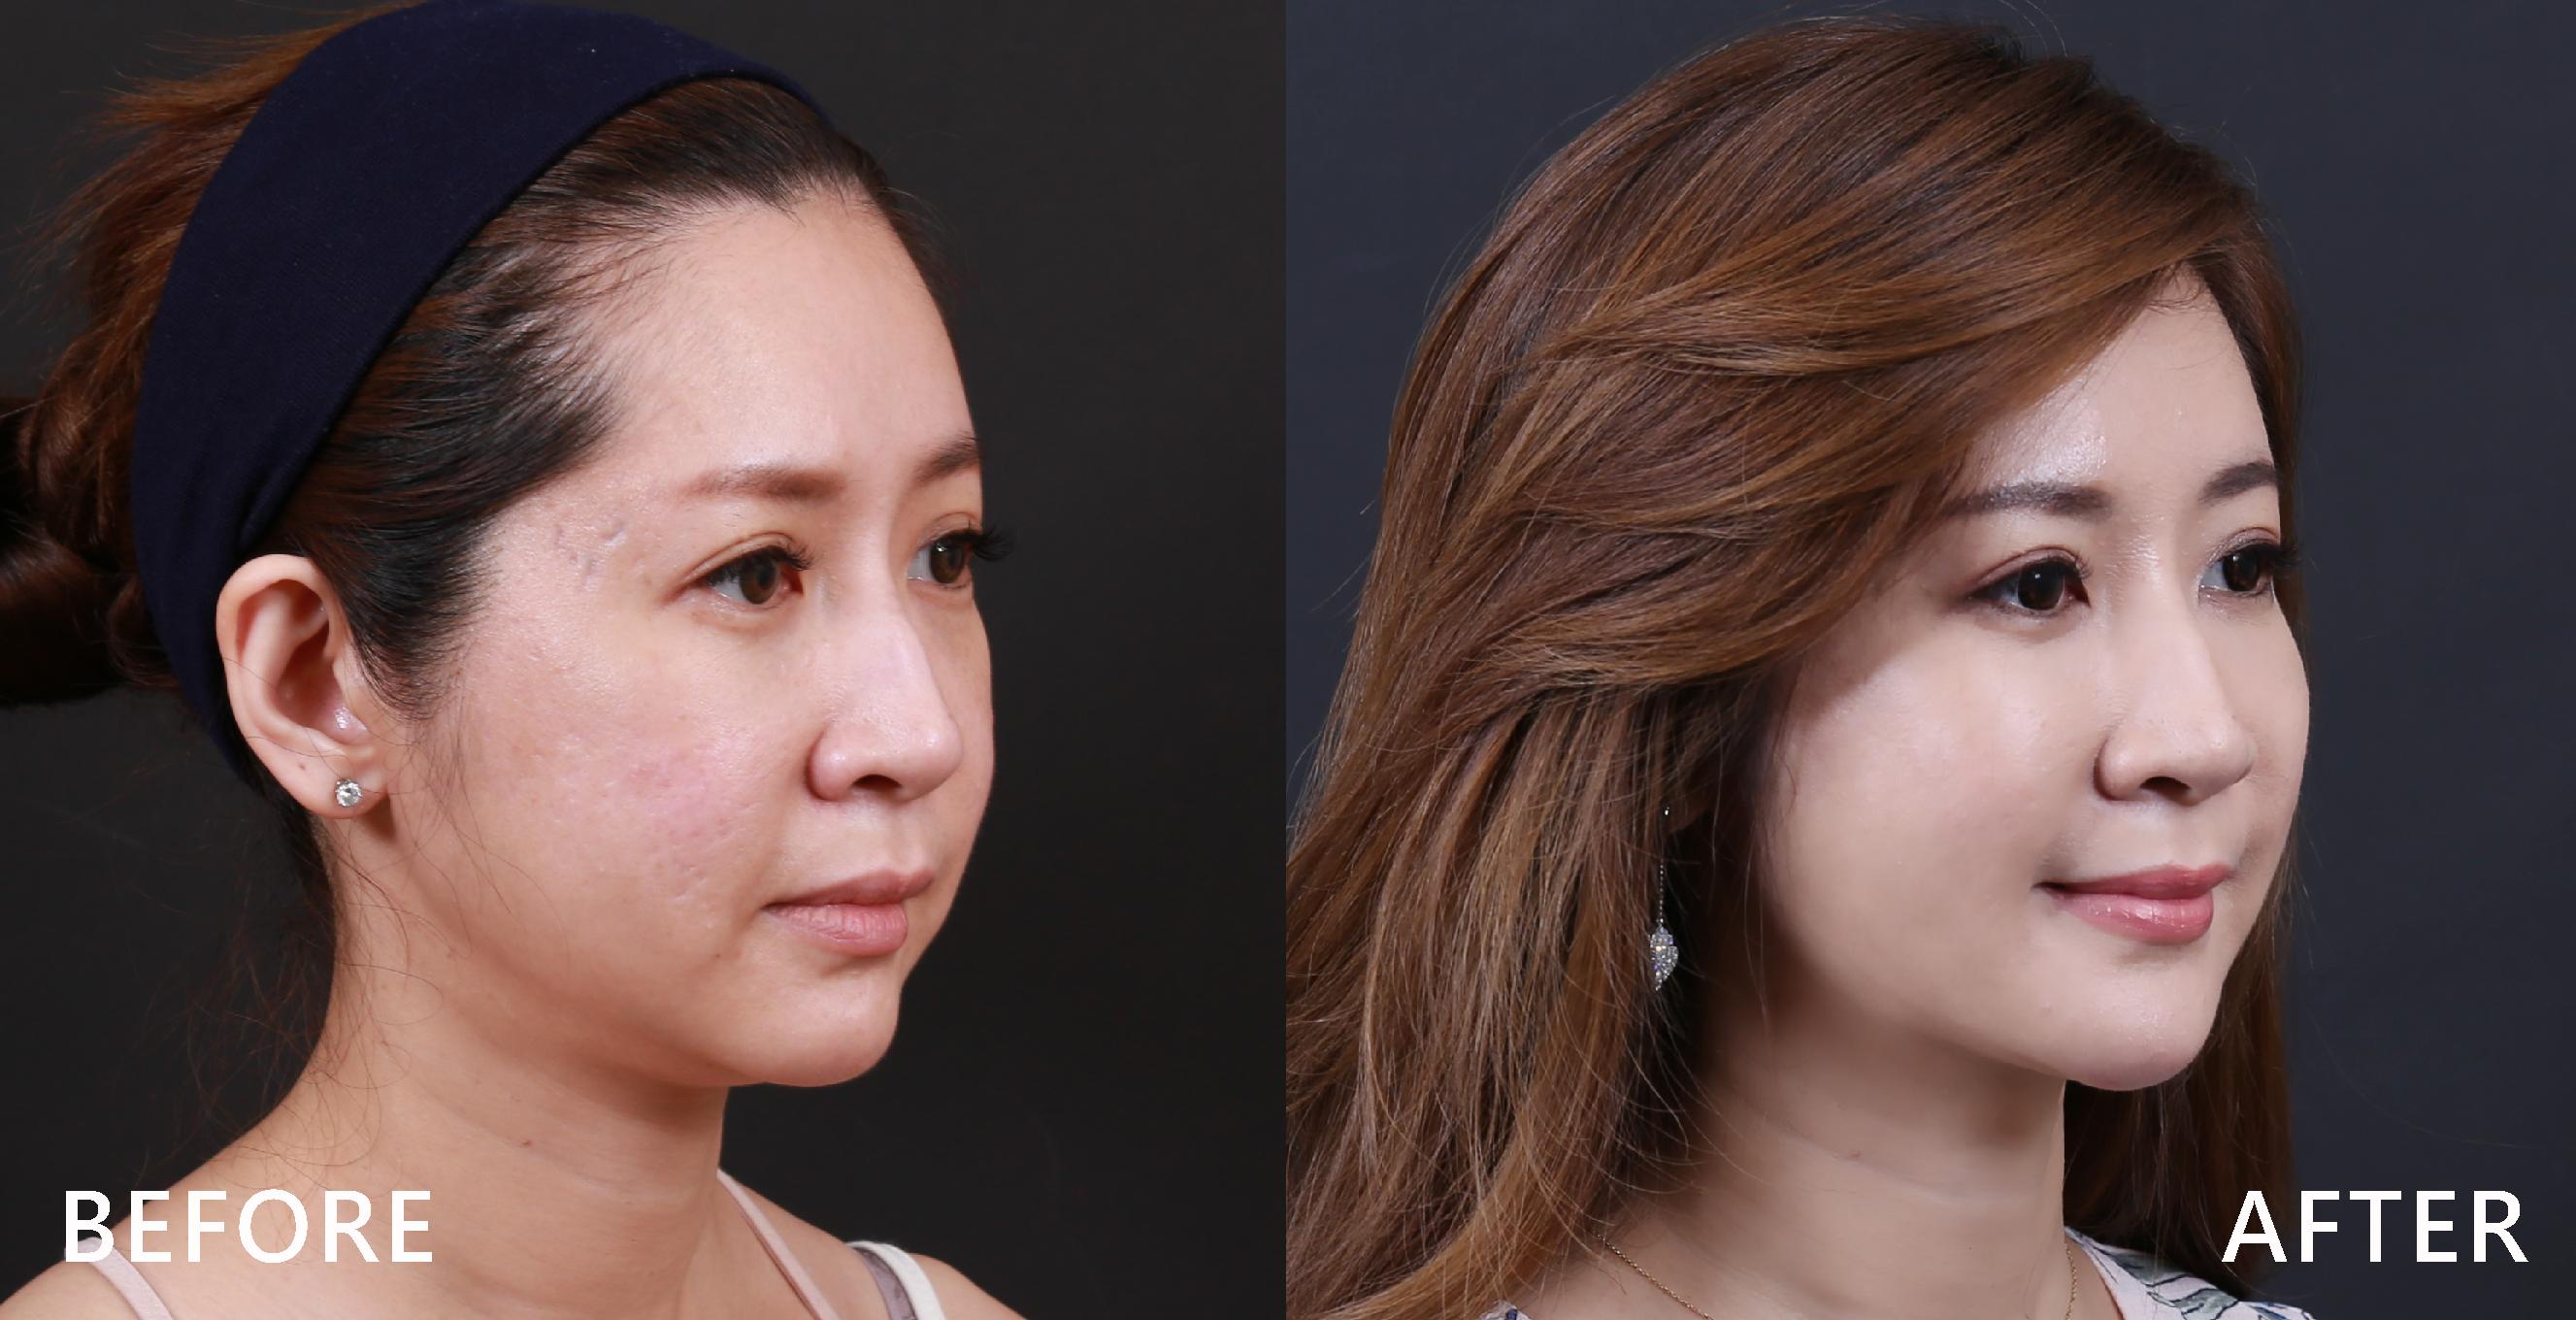 改善下顎線條後,雙下巴消失了。(本療程施打效果因人而異)